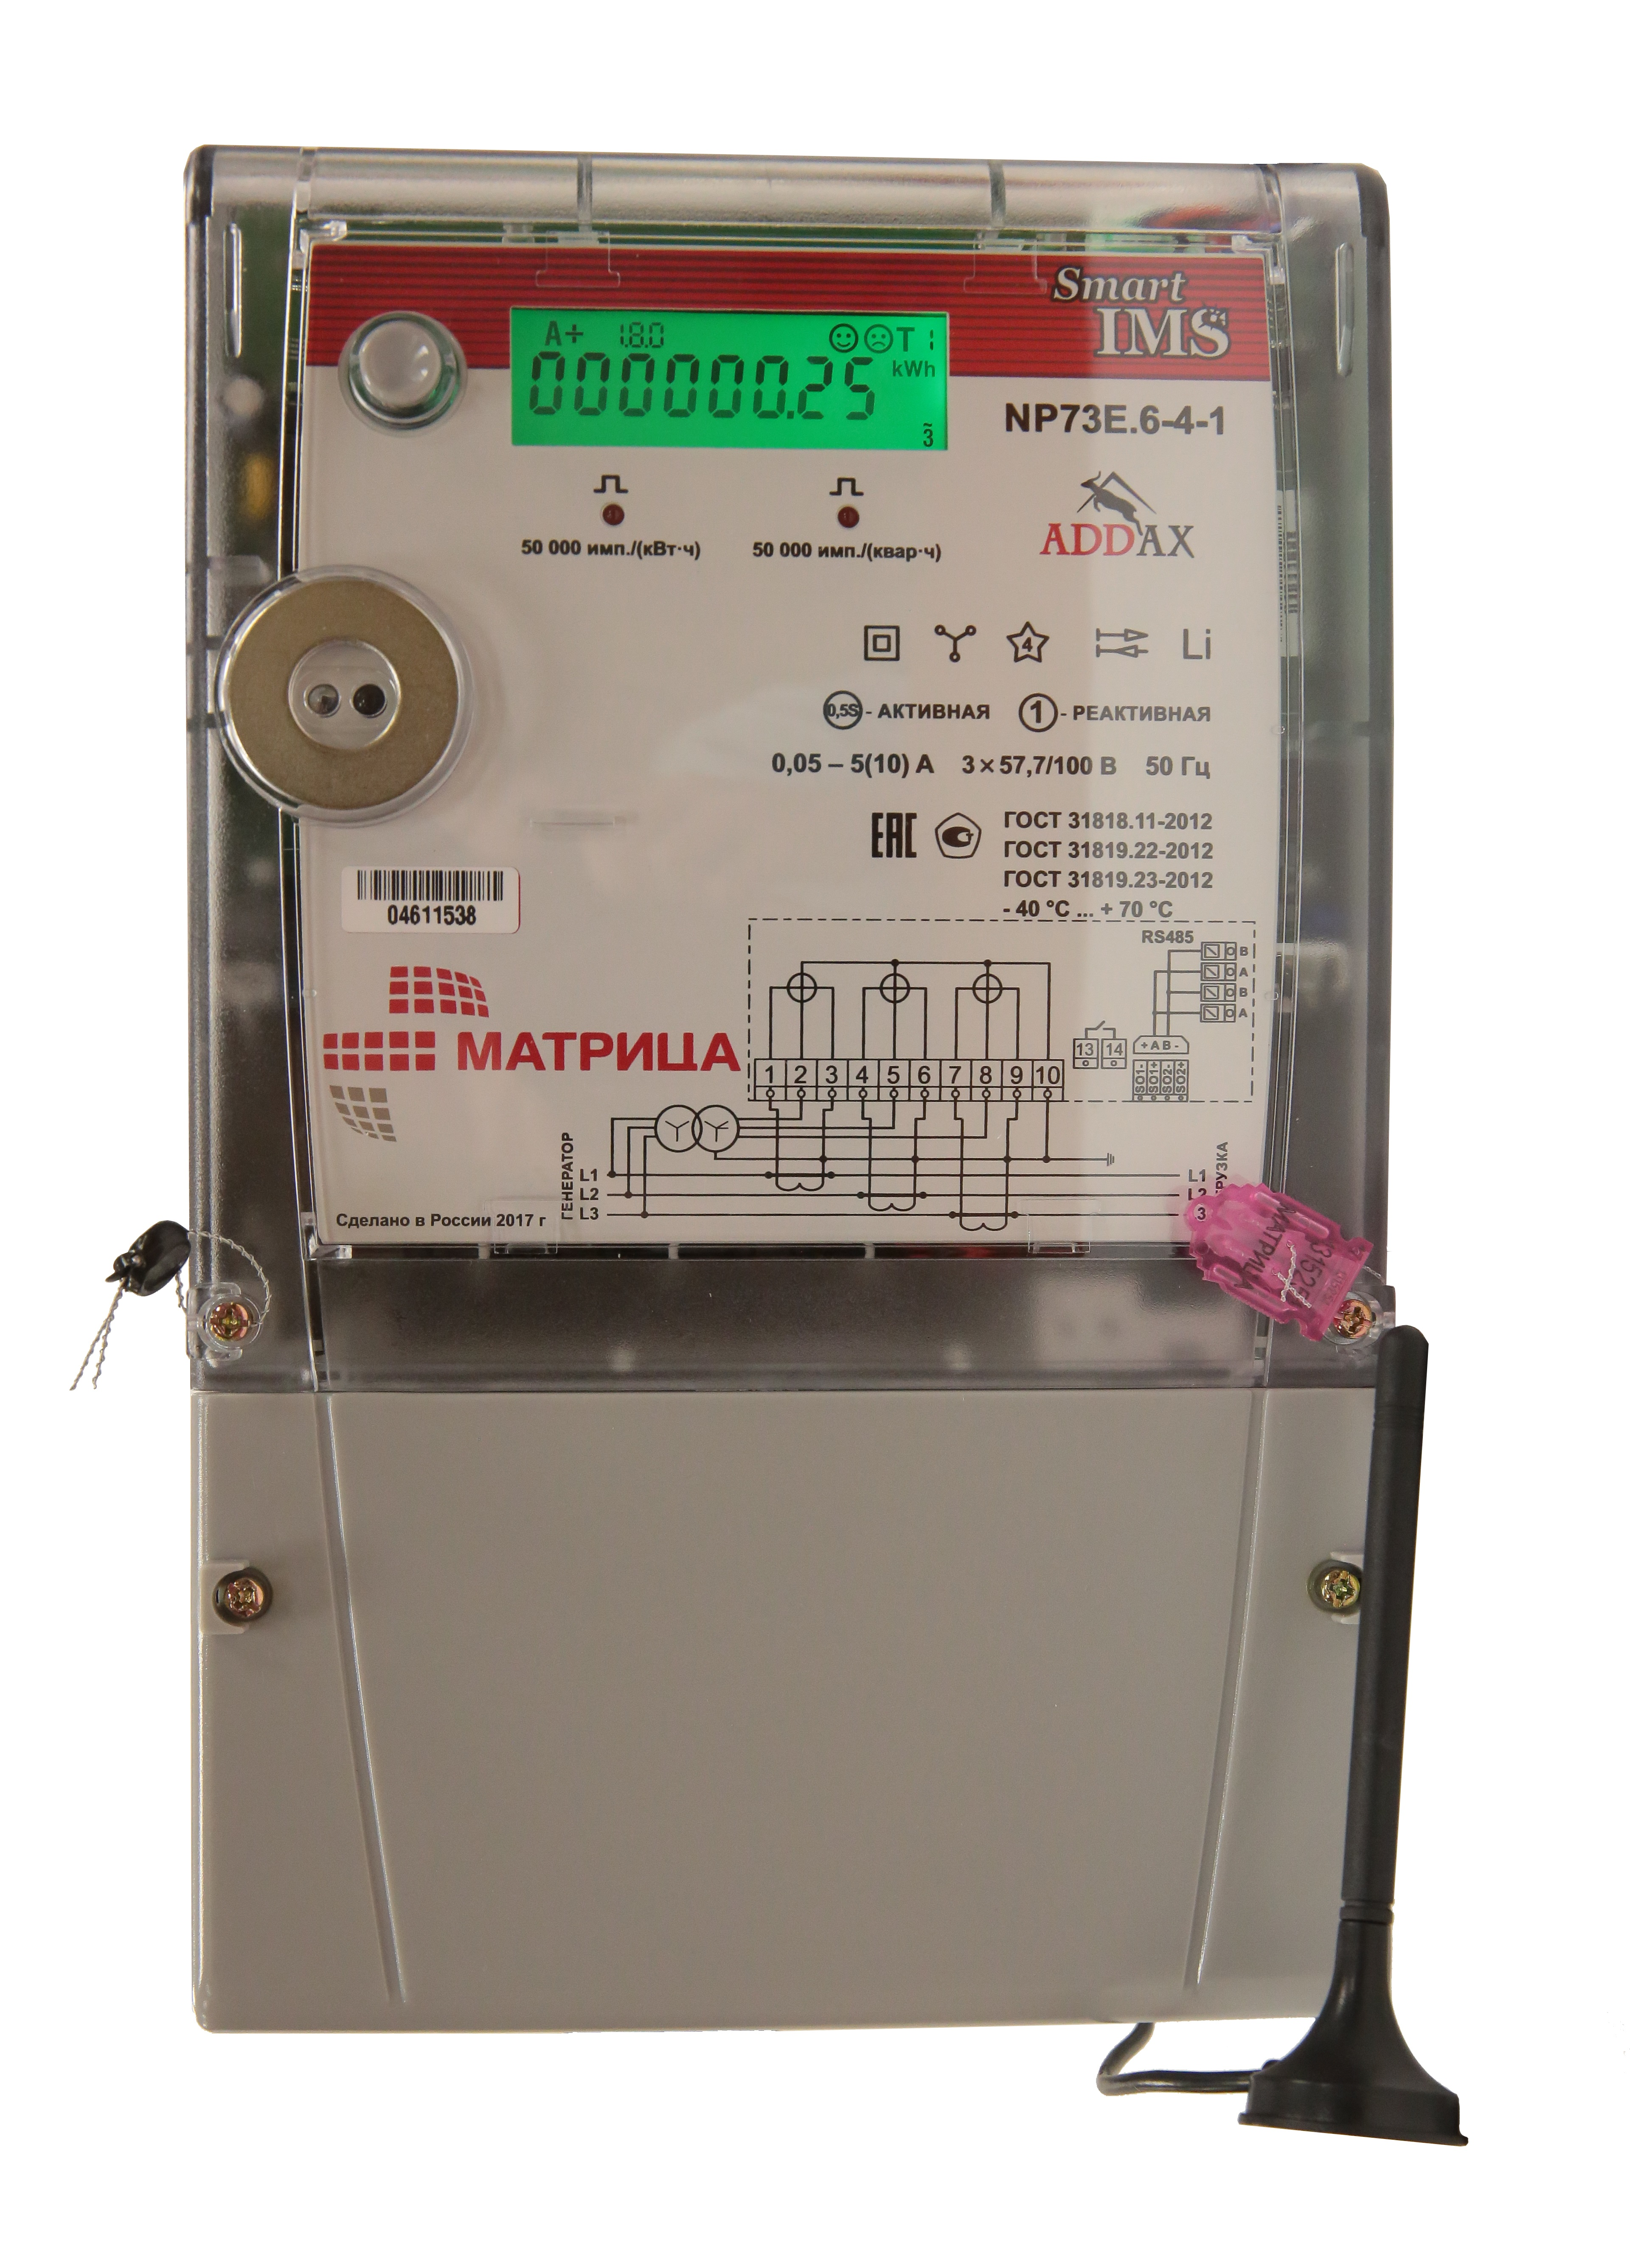 Преимущества использования счетчиков электроэнергии матрица - жми!